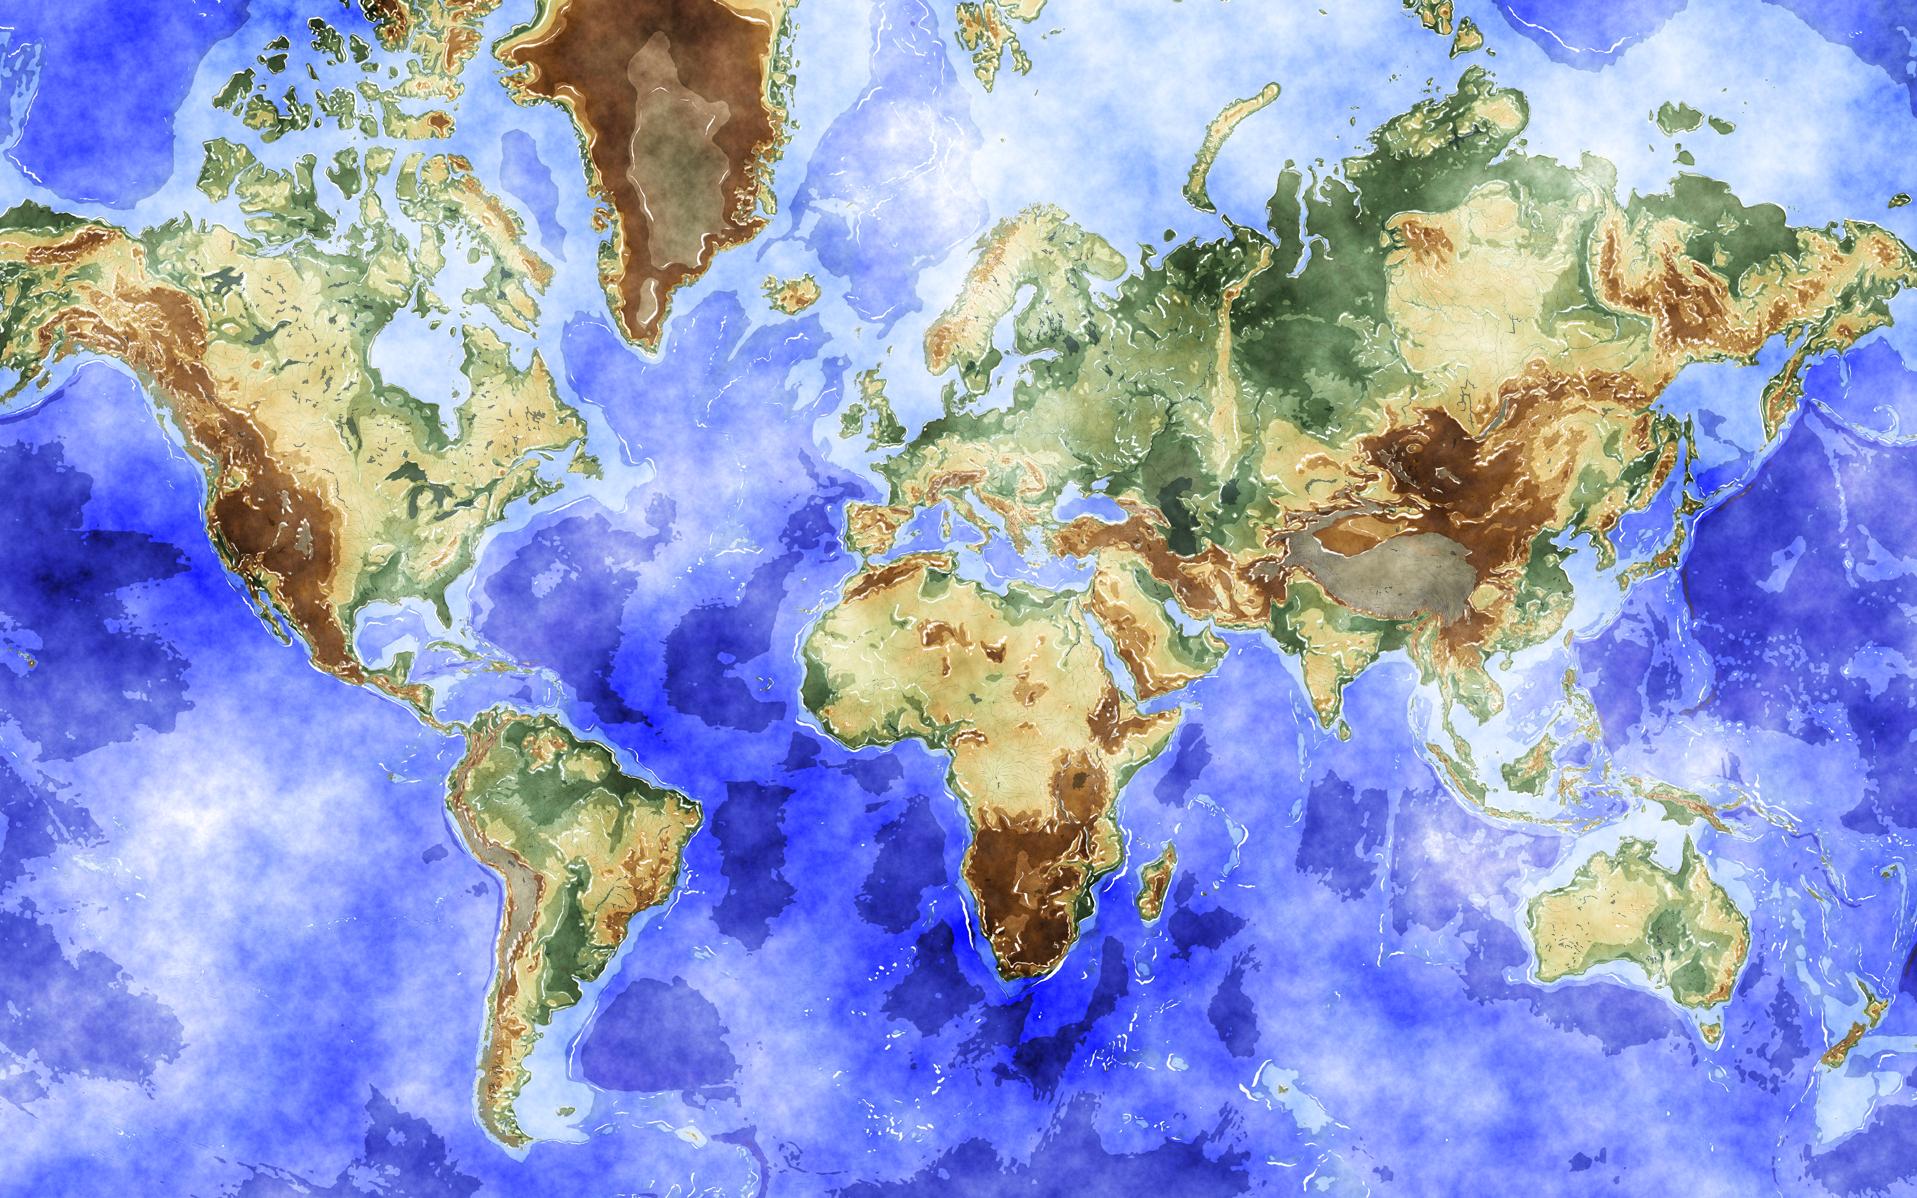 World Map Wallpaper High Resolution WallpaperSafari – Map World High Resolution